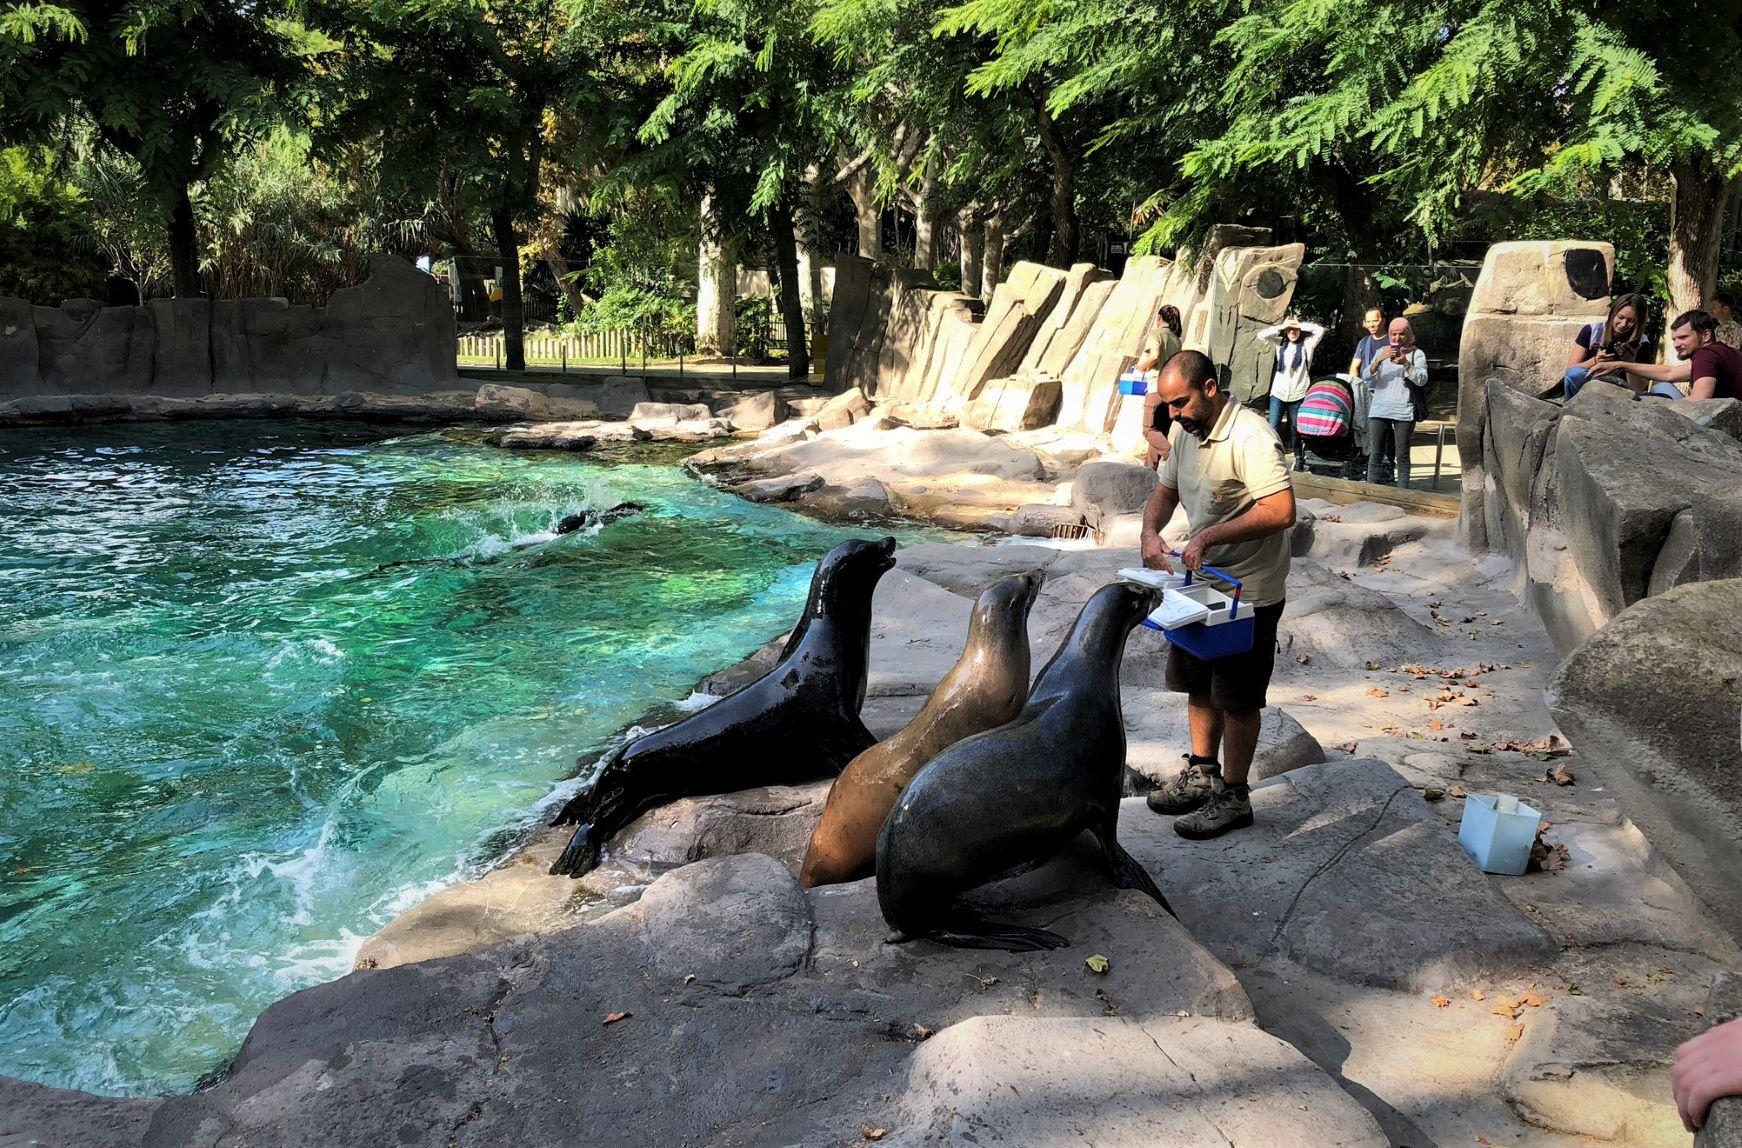 zoo_small.jpeg